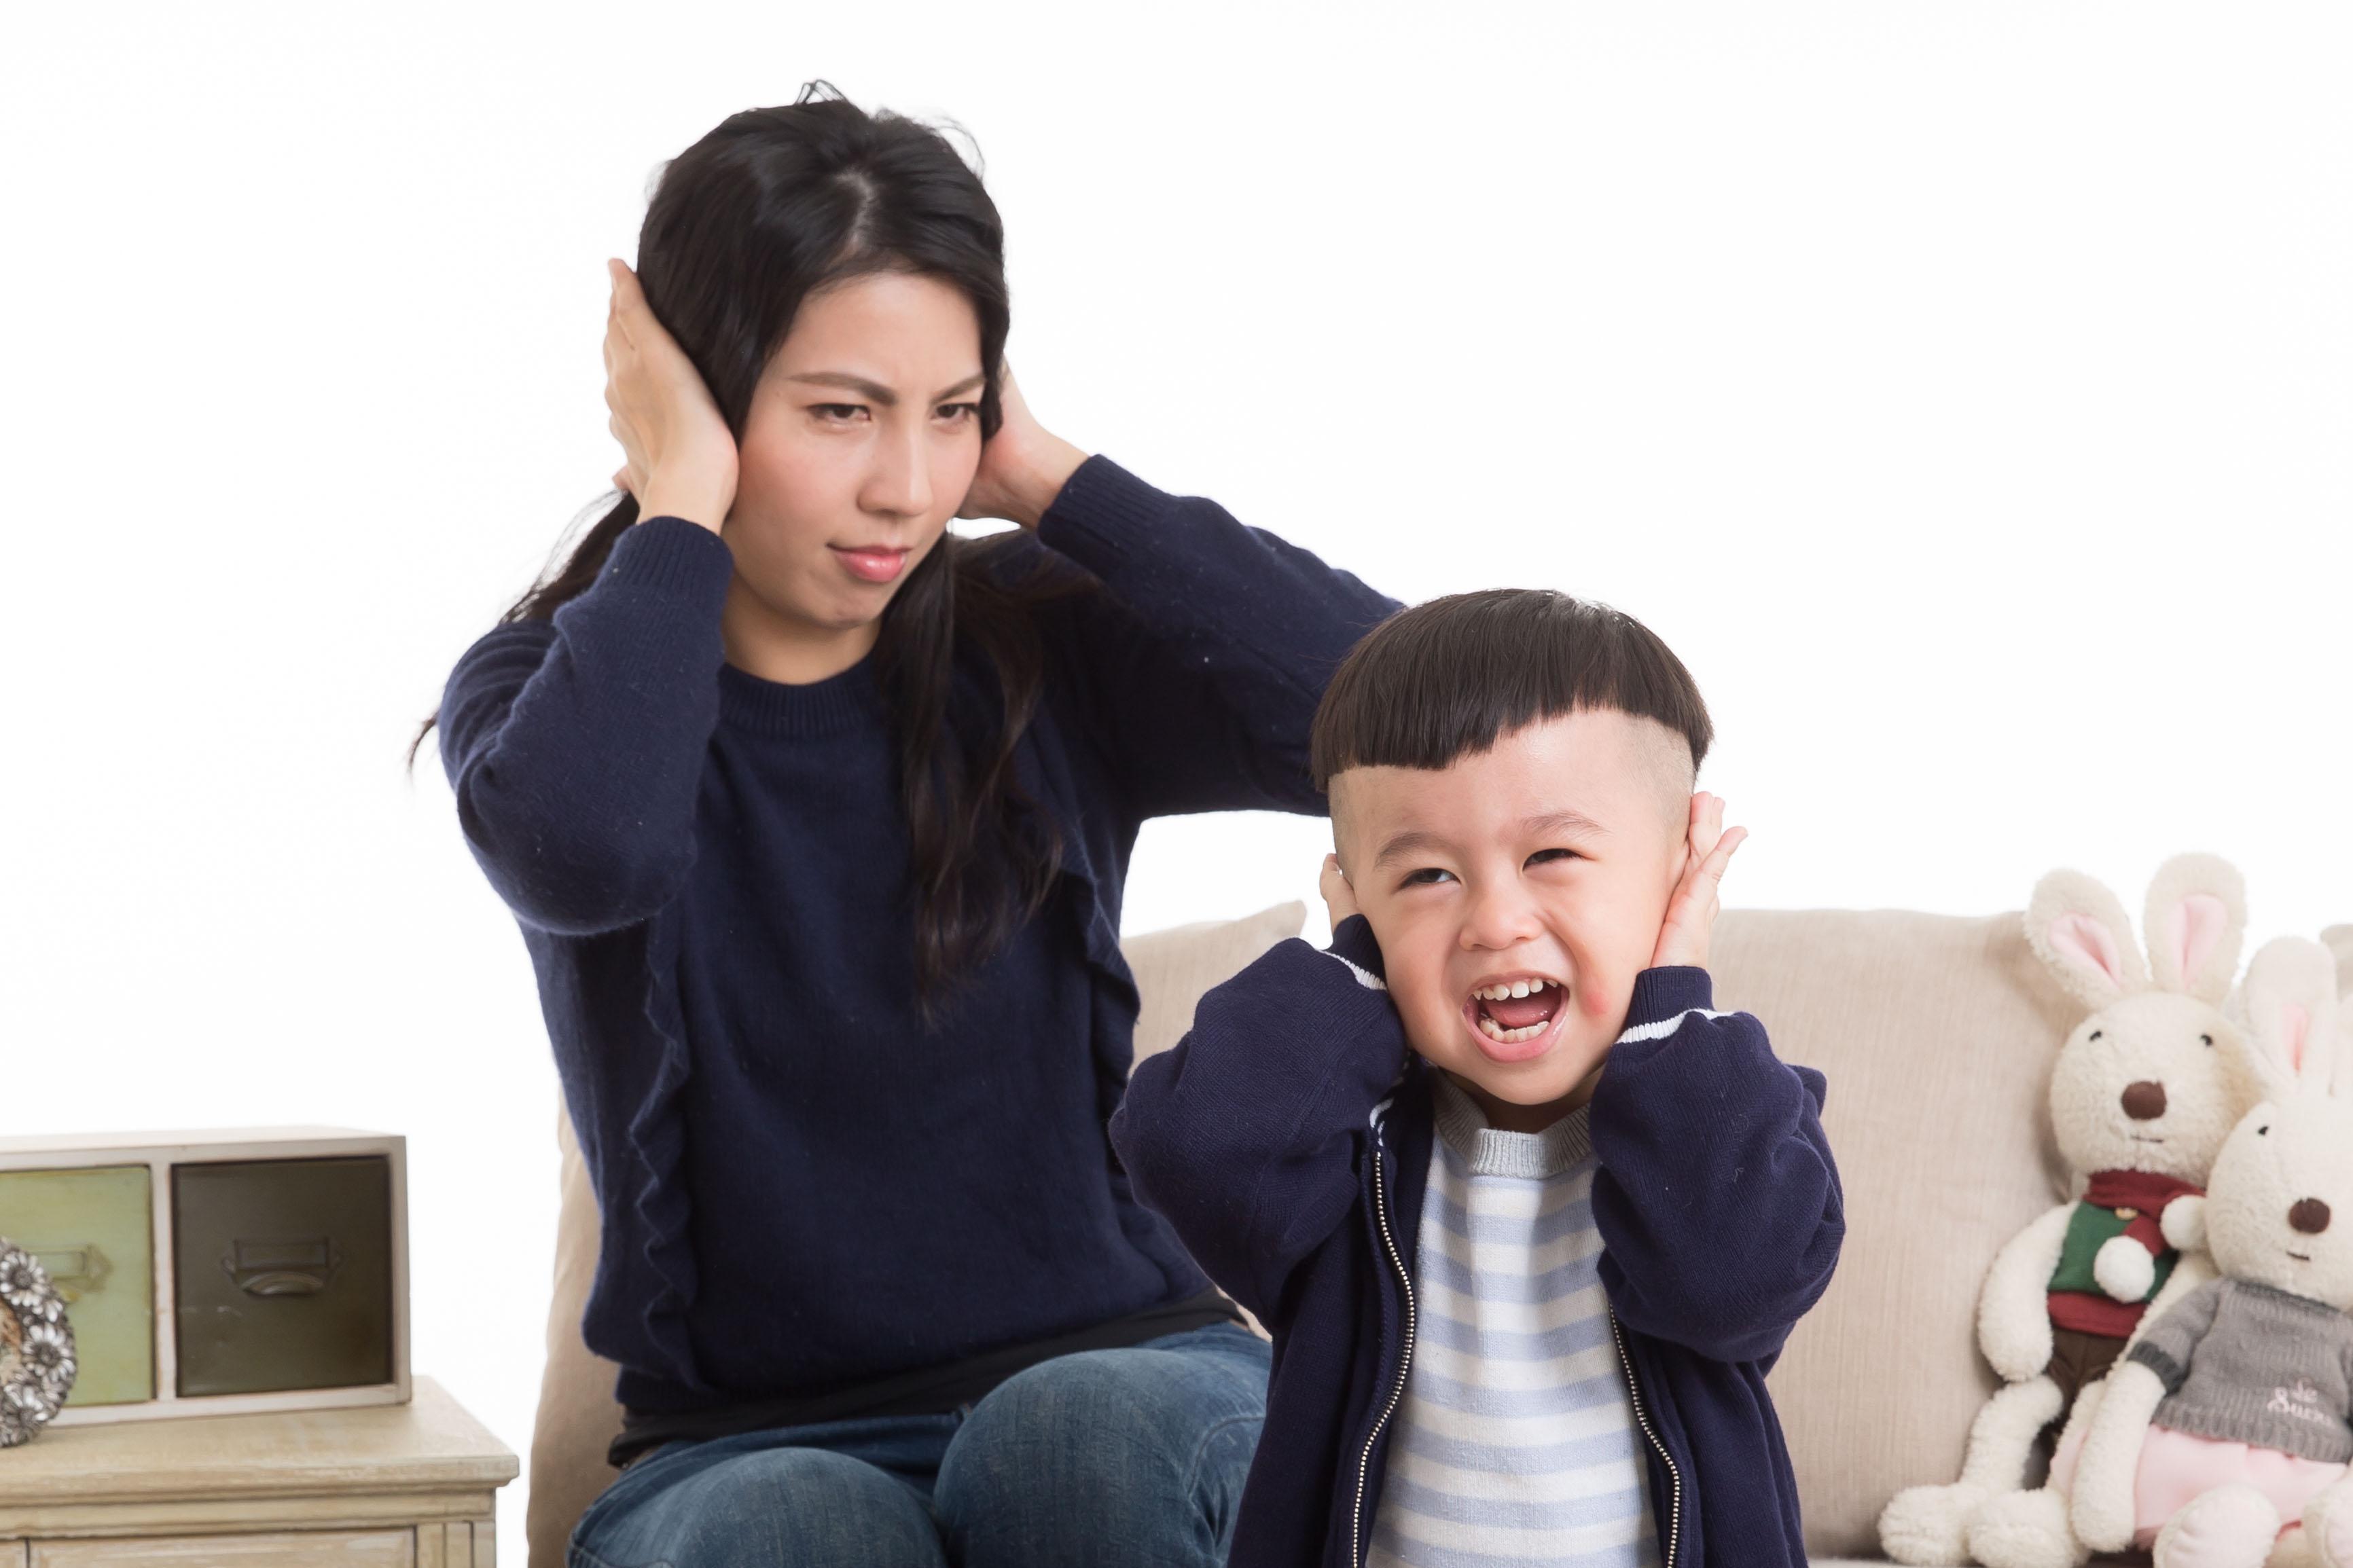 媽媽可以生氣、不耐煩、抱怨、傷心、哭泣、沒耐心、拒絕孩子嗎?答案是,當然通通都可以!